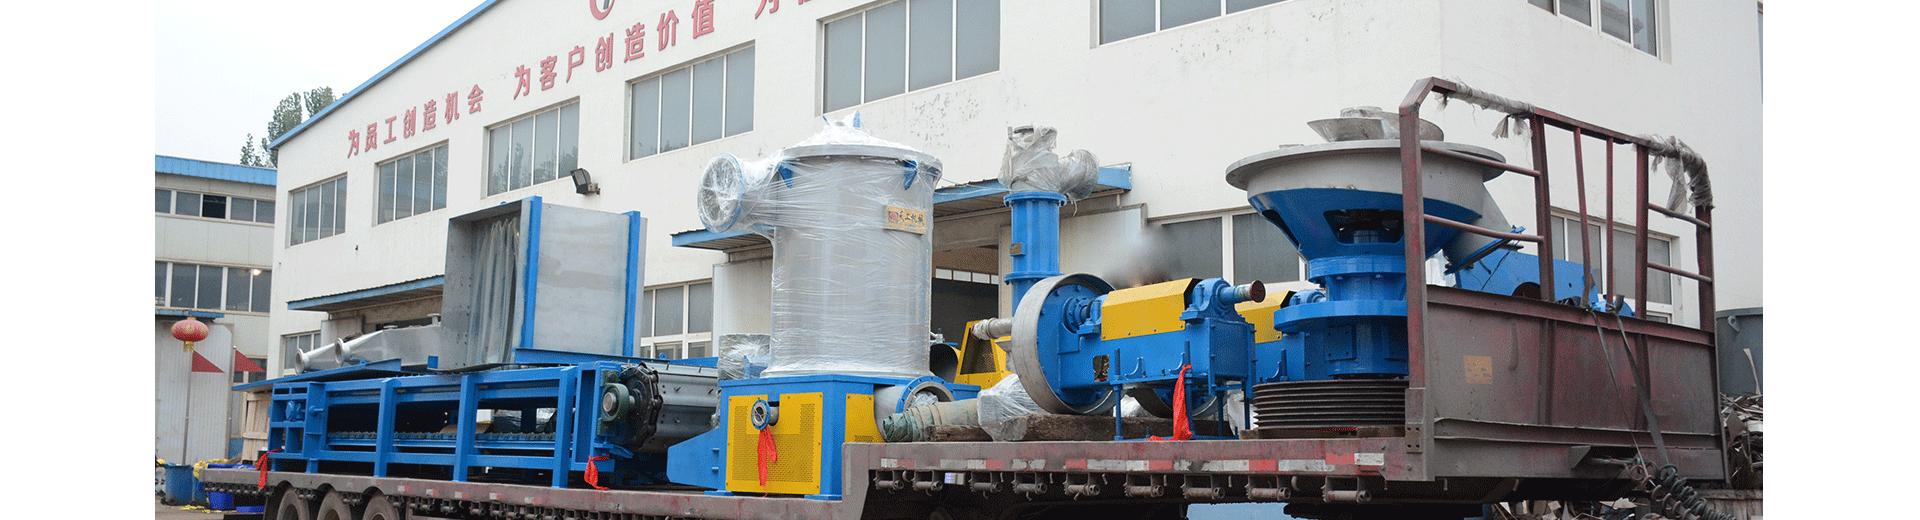 制浆造纸机械